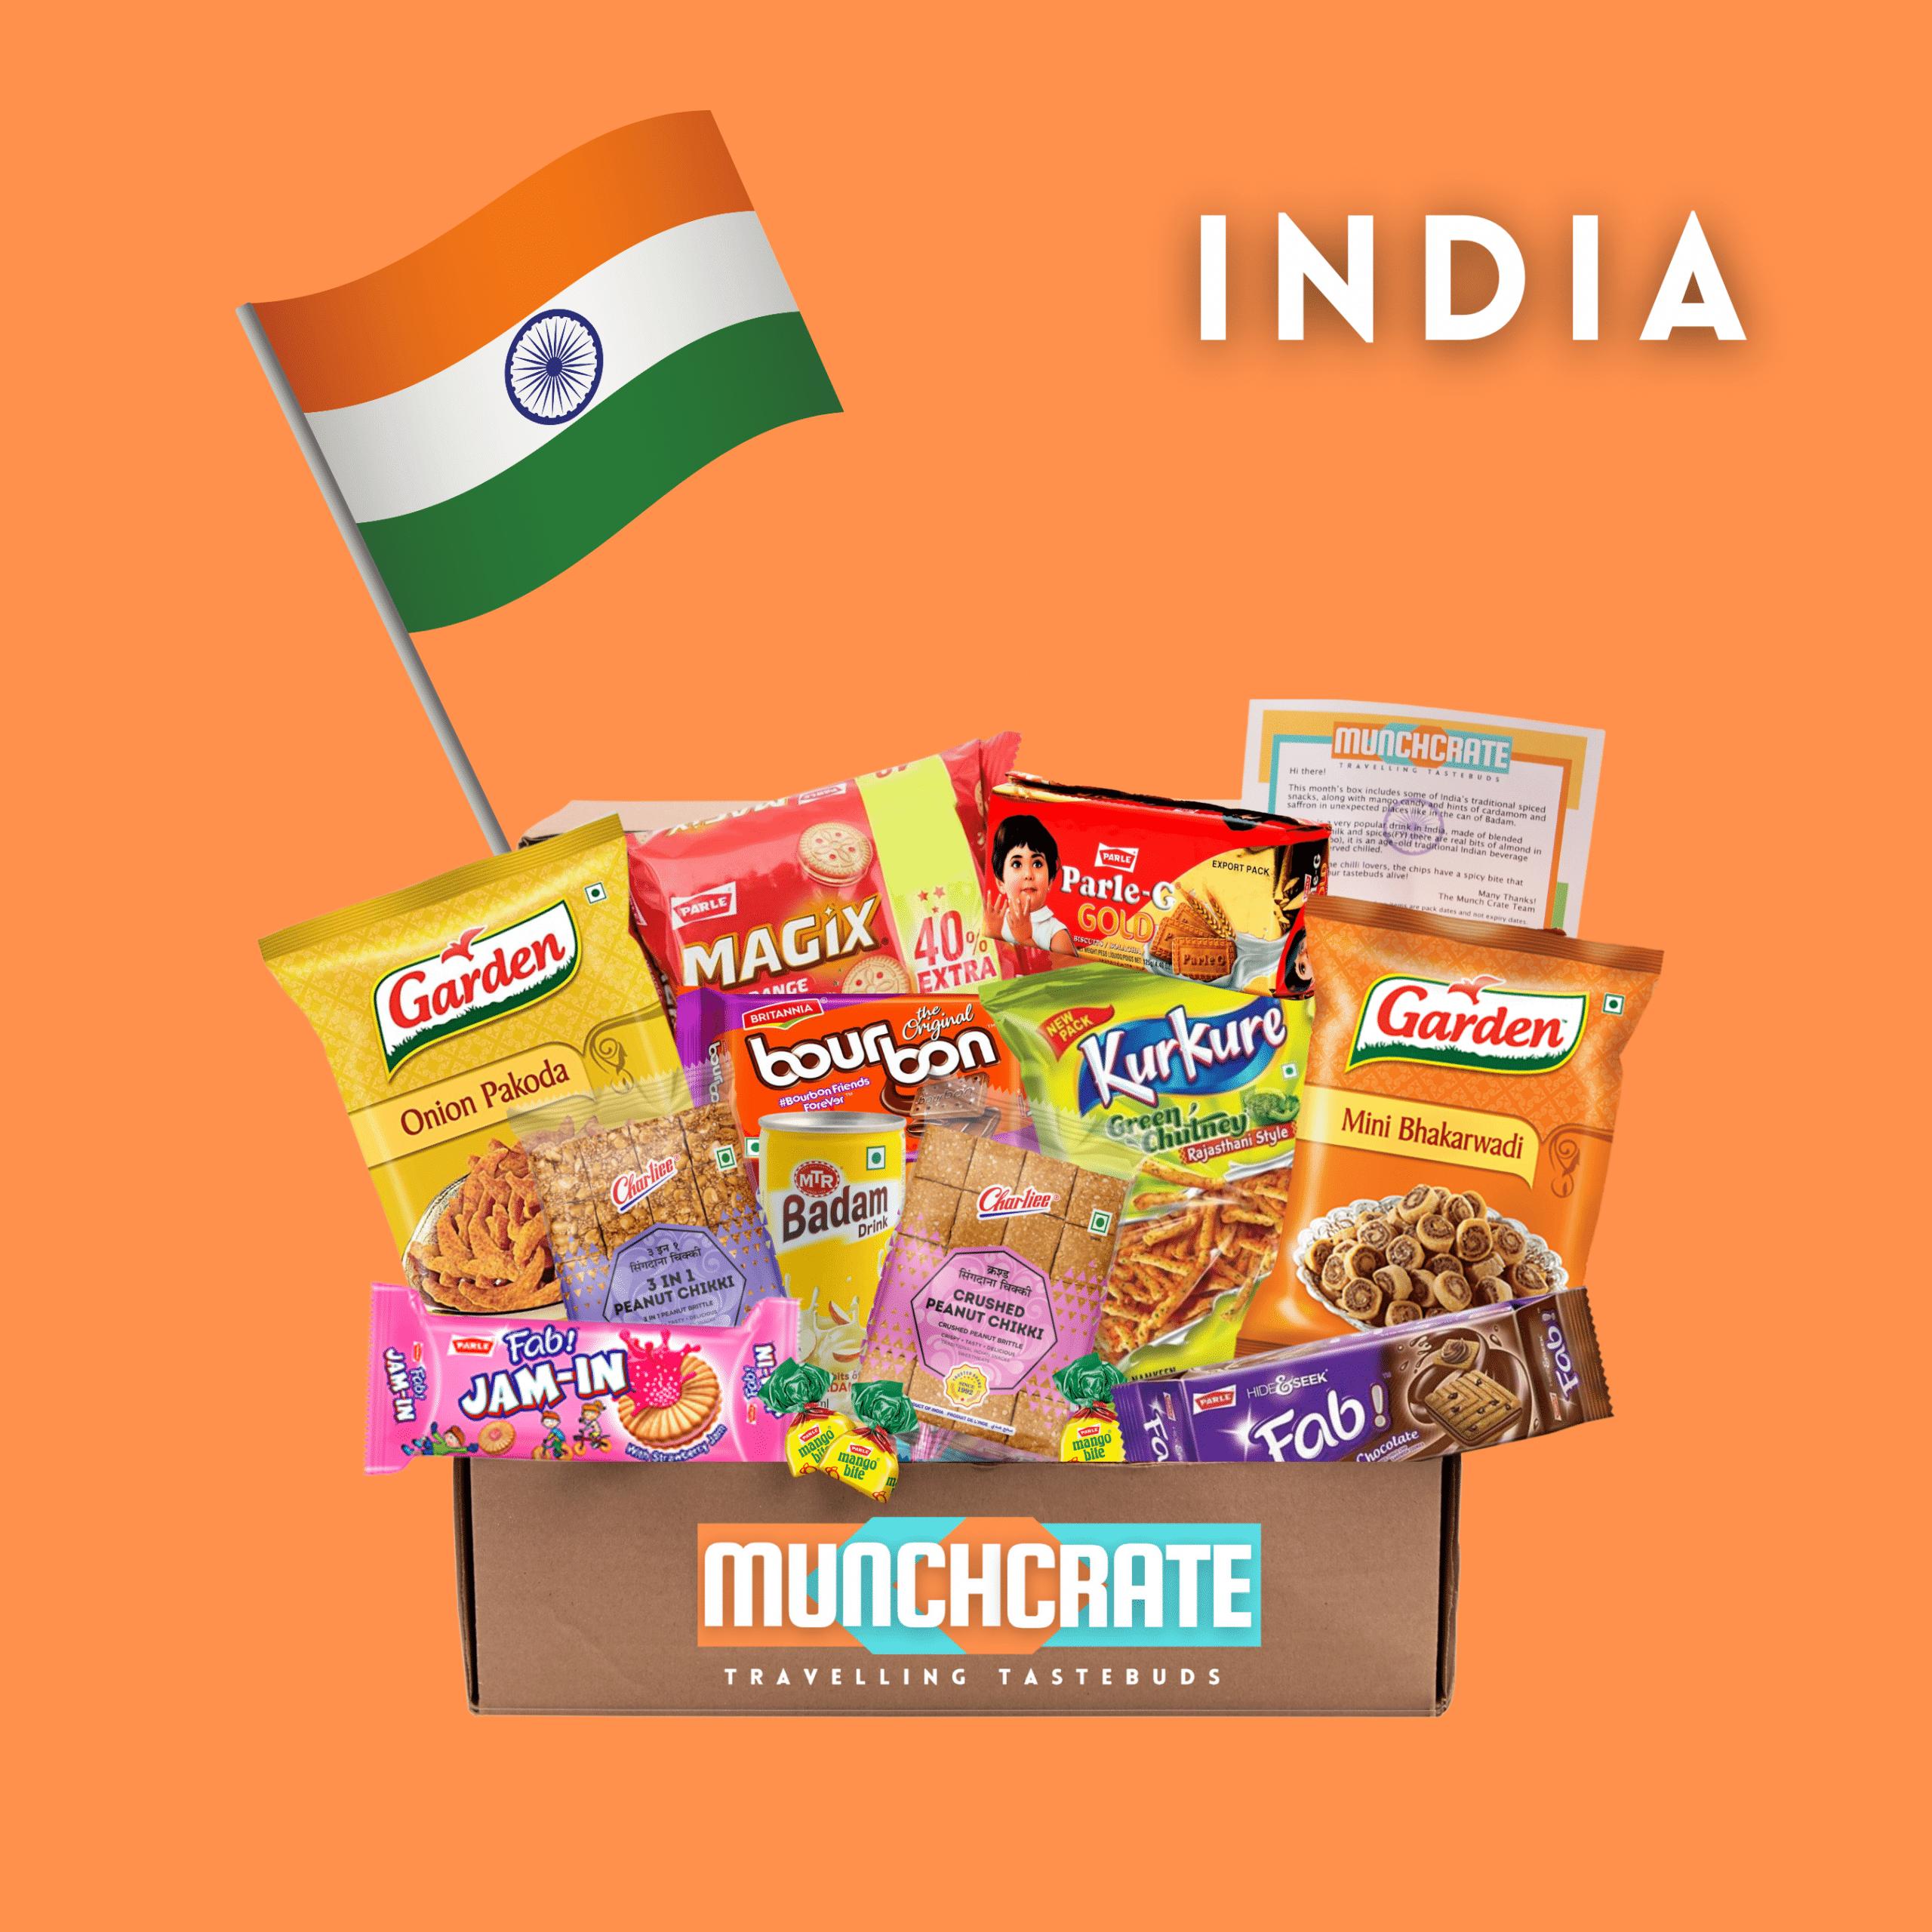 Munch Crate India